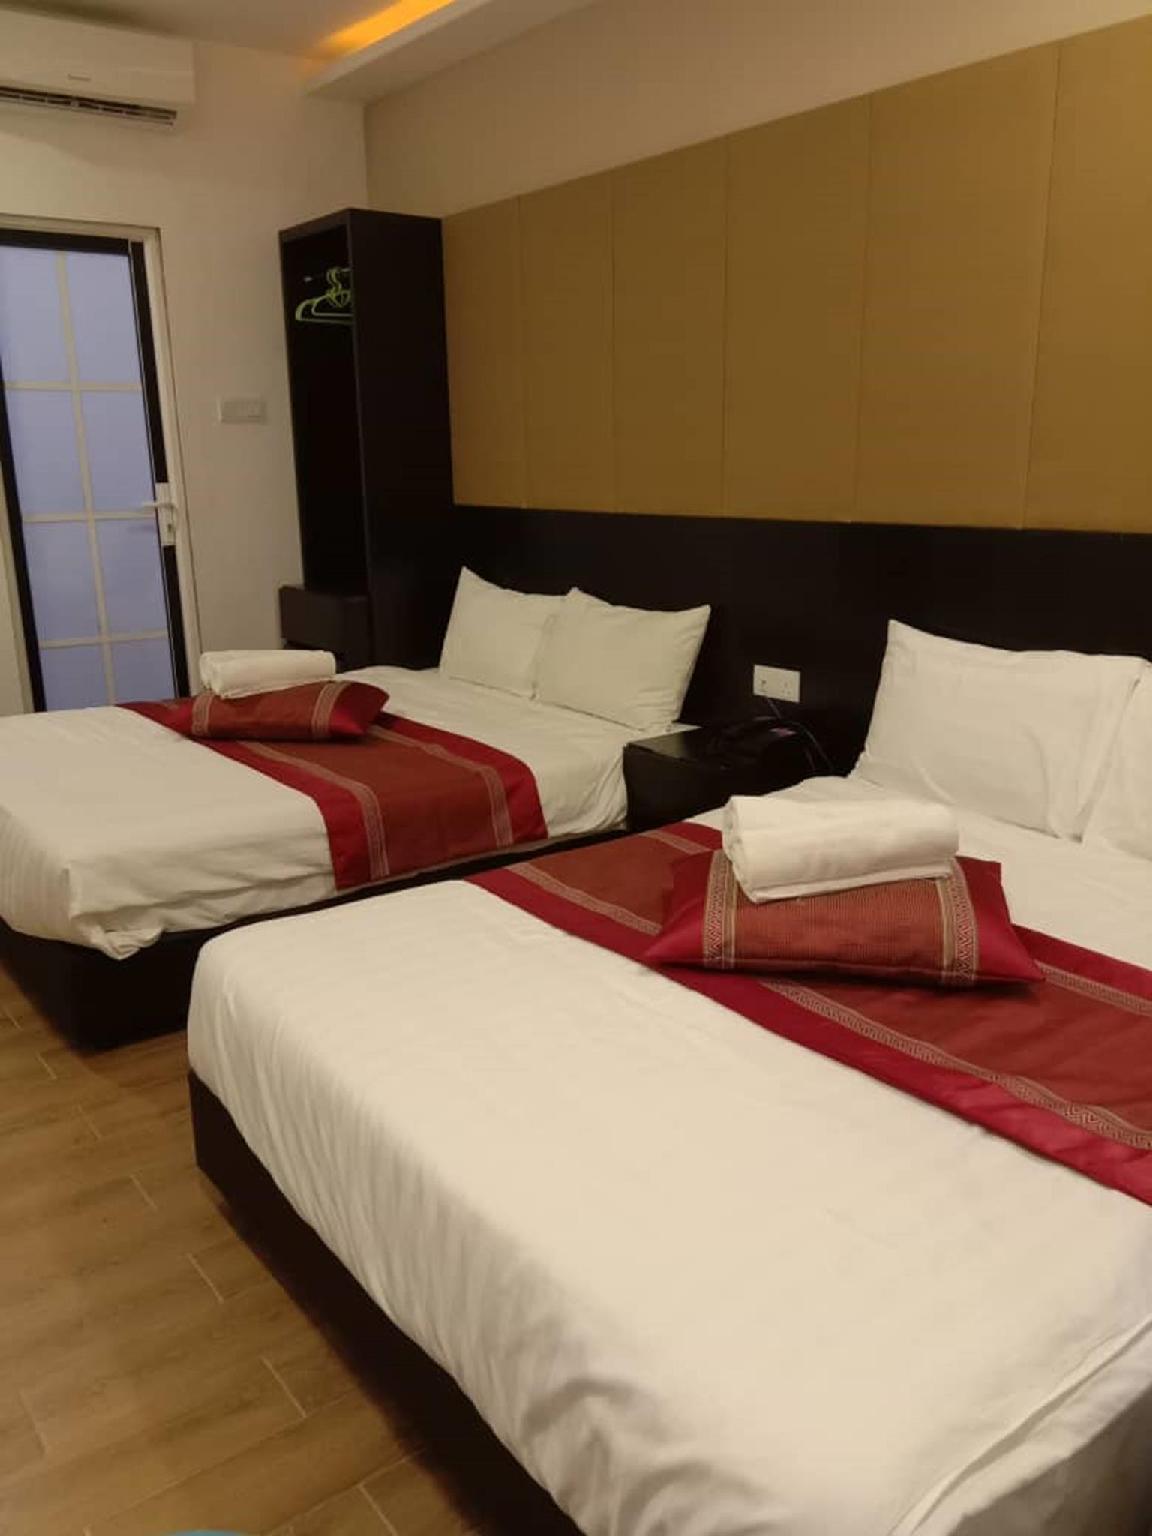 Hotel D'Spark Bayu Tinggi, Klang